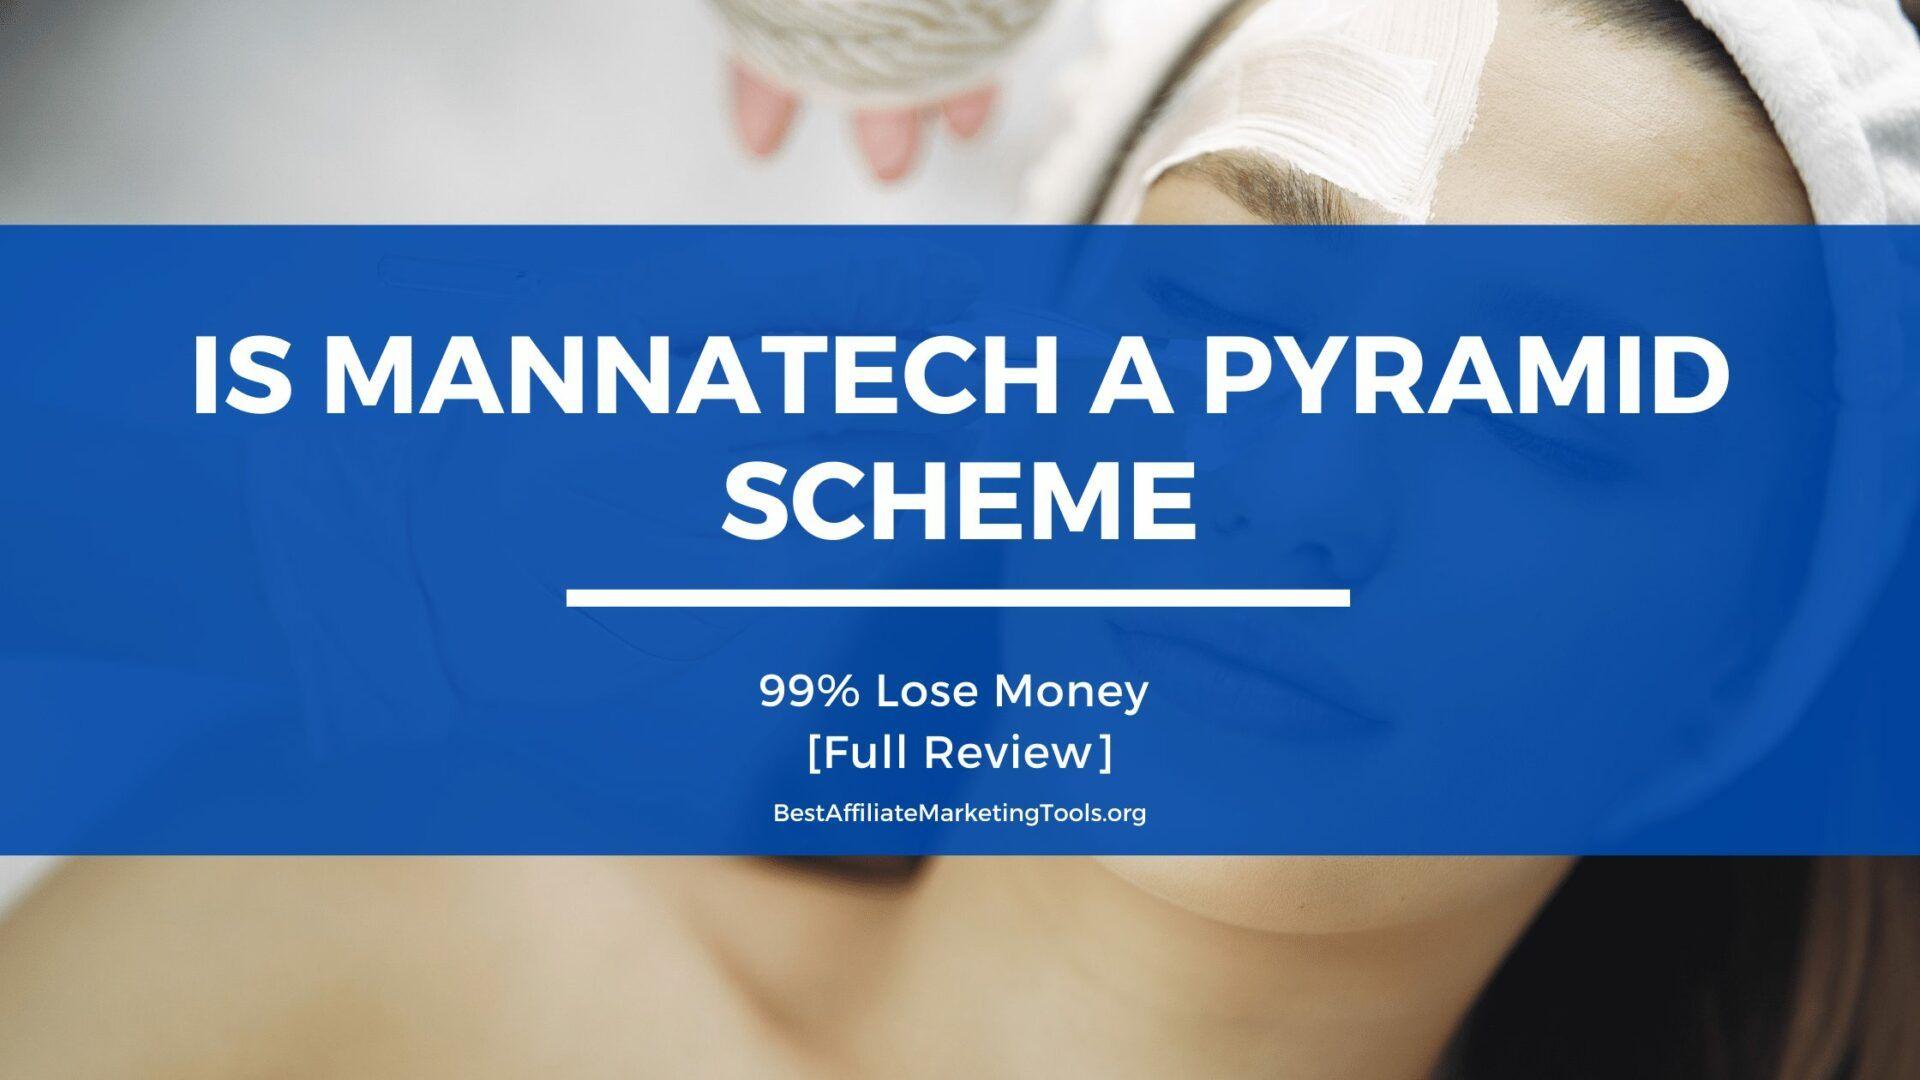 Is Mannatech a pyramid scheme